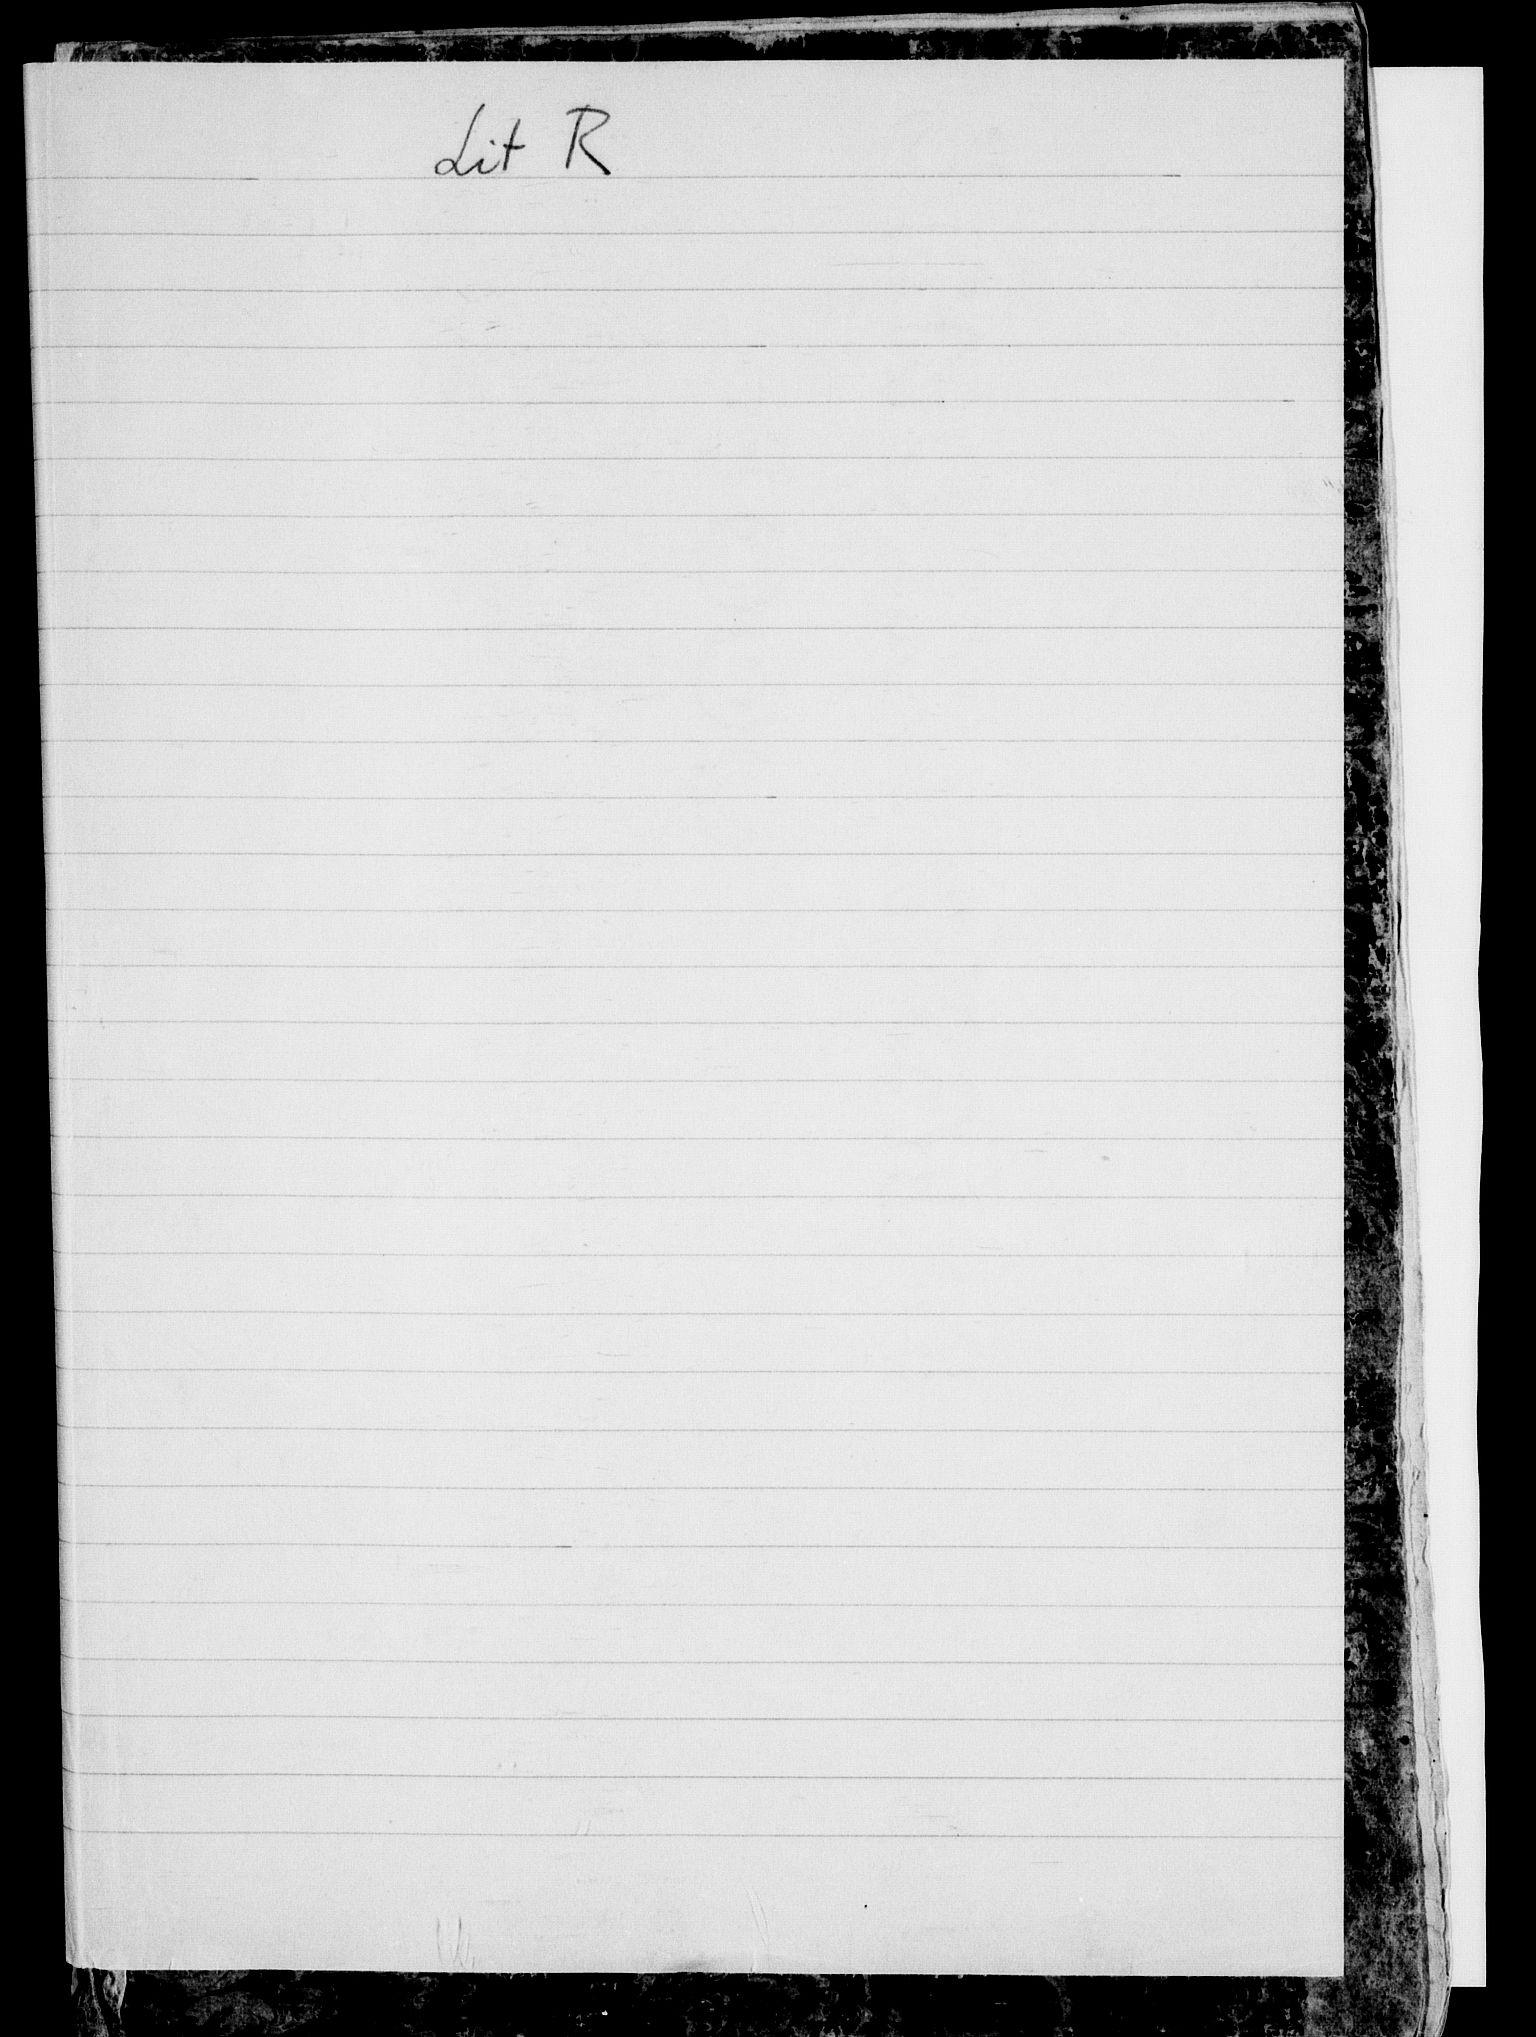 RA, Danske Kanselli, Skapsaker, F/L0074: Skap 15, pakke 79, 1611-1701, s. 201